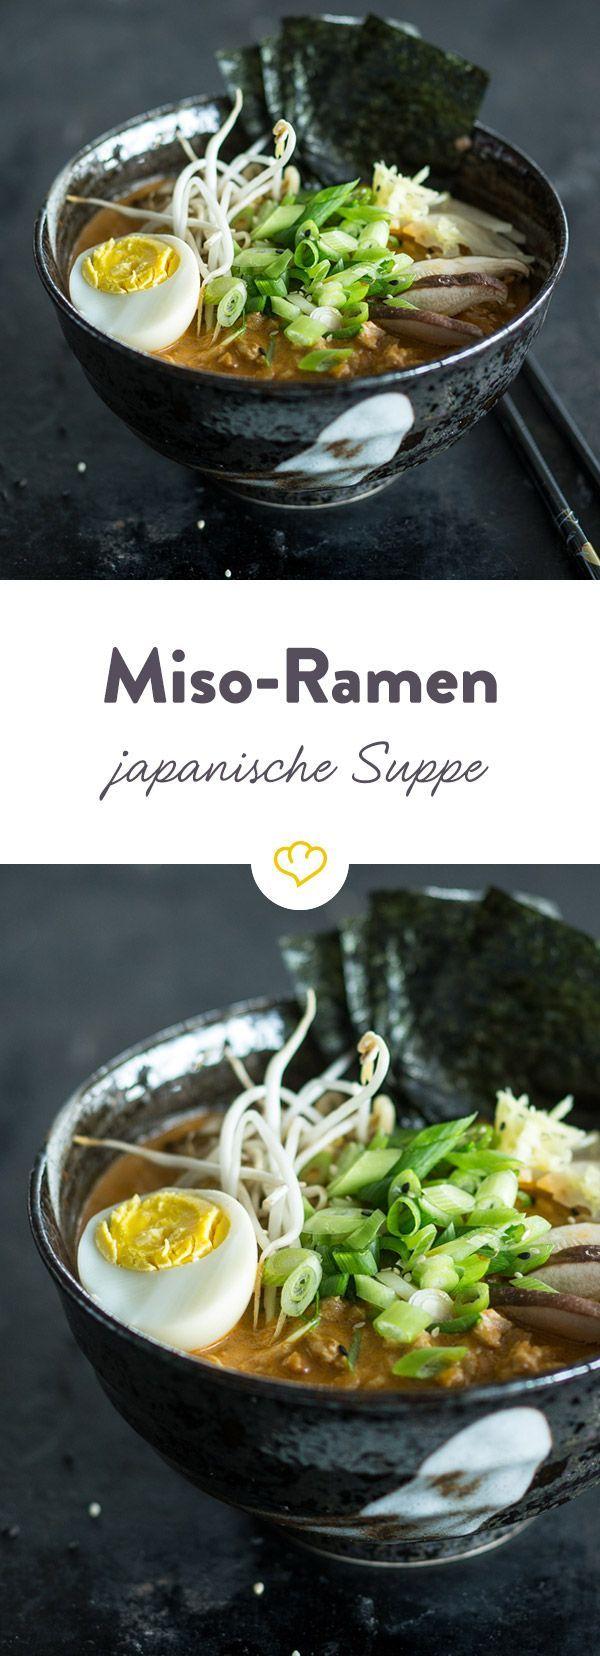 Selbstgemachte Miso-Ramen schmeckt so fantastisch, dass man ihr die umfangreiche Zutatenliste und den etwas höheren Arbeitsaufwand sofort verzeiht.